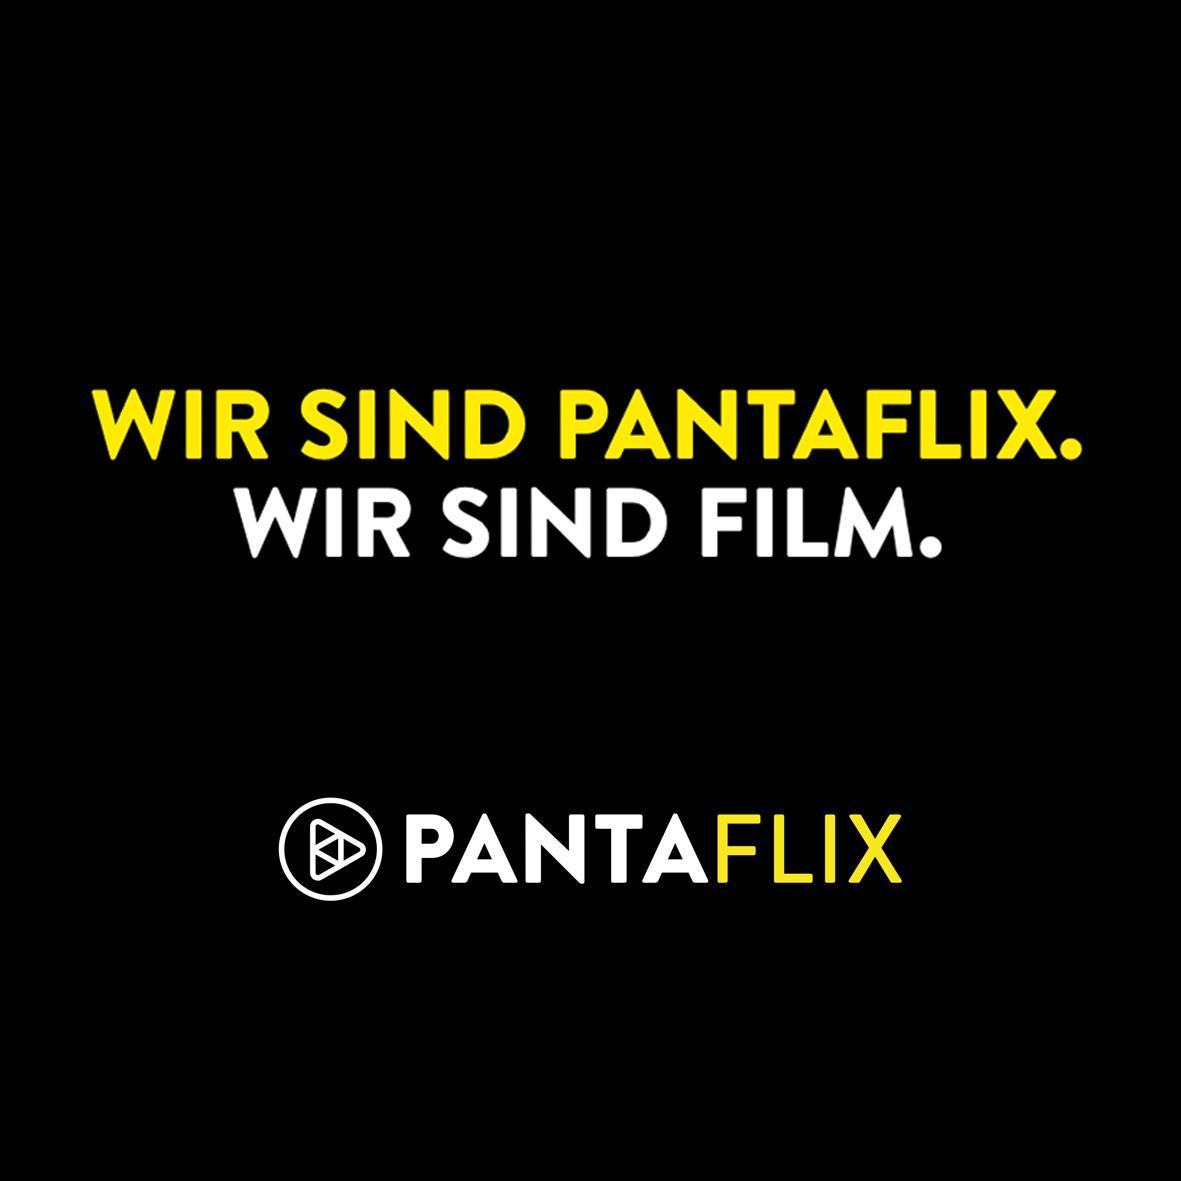 Pantaflix: Kostenloser Leihfilm nach Wahl